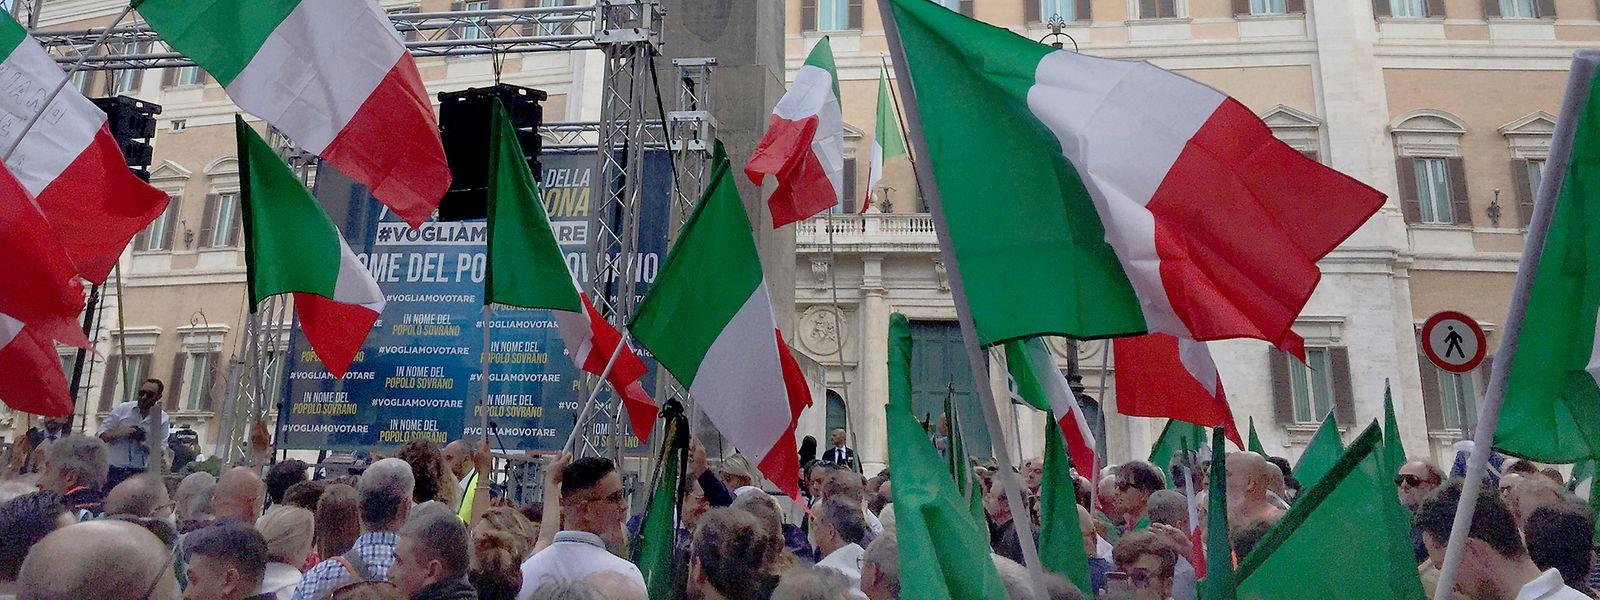 Demonstranten schwenken vor dem Parlament Nationalfahnen. Zahlreiche Unterstützer der Lega, der Partei des früheren italienischen Innenministers Salvini, und der rechtsextremen Partei Fratelli d'Italia (Brüder Italiens) protestierten gegen die neue Regierung von Ministerpräsident Conte.